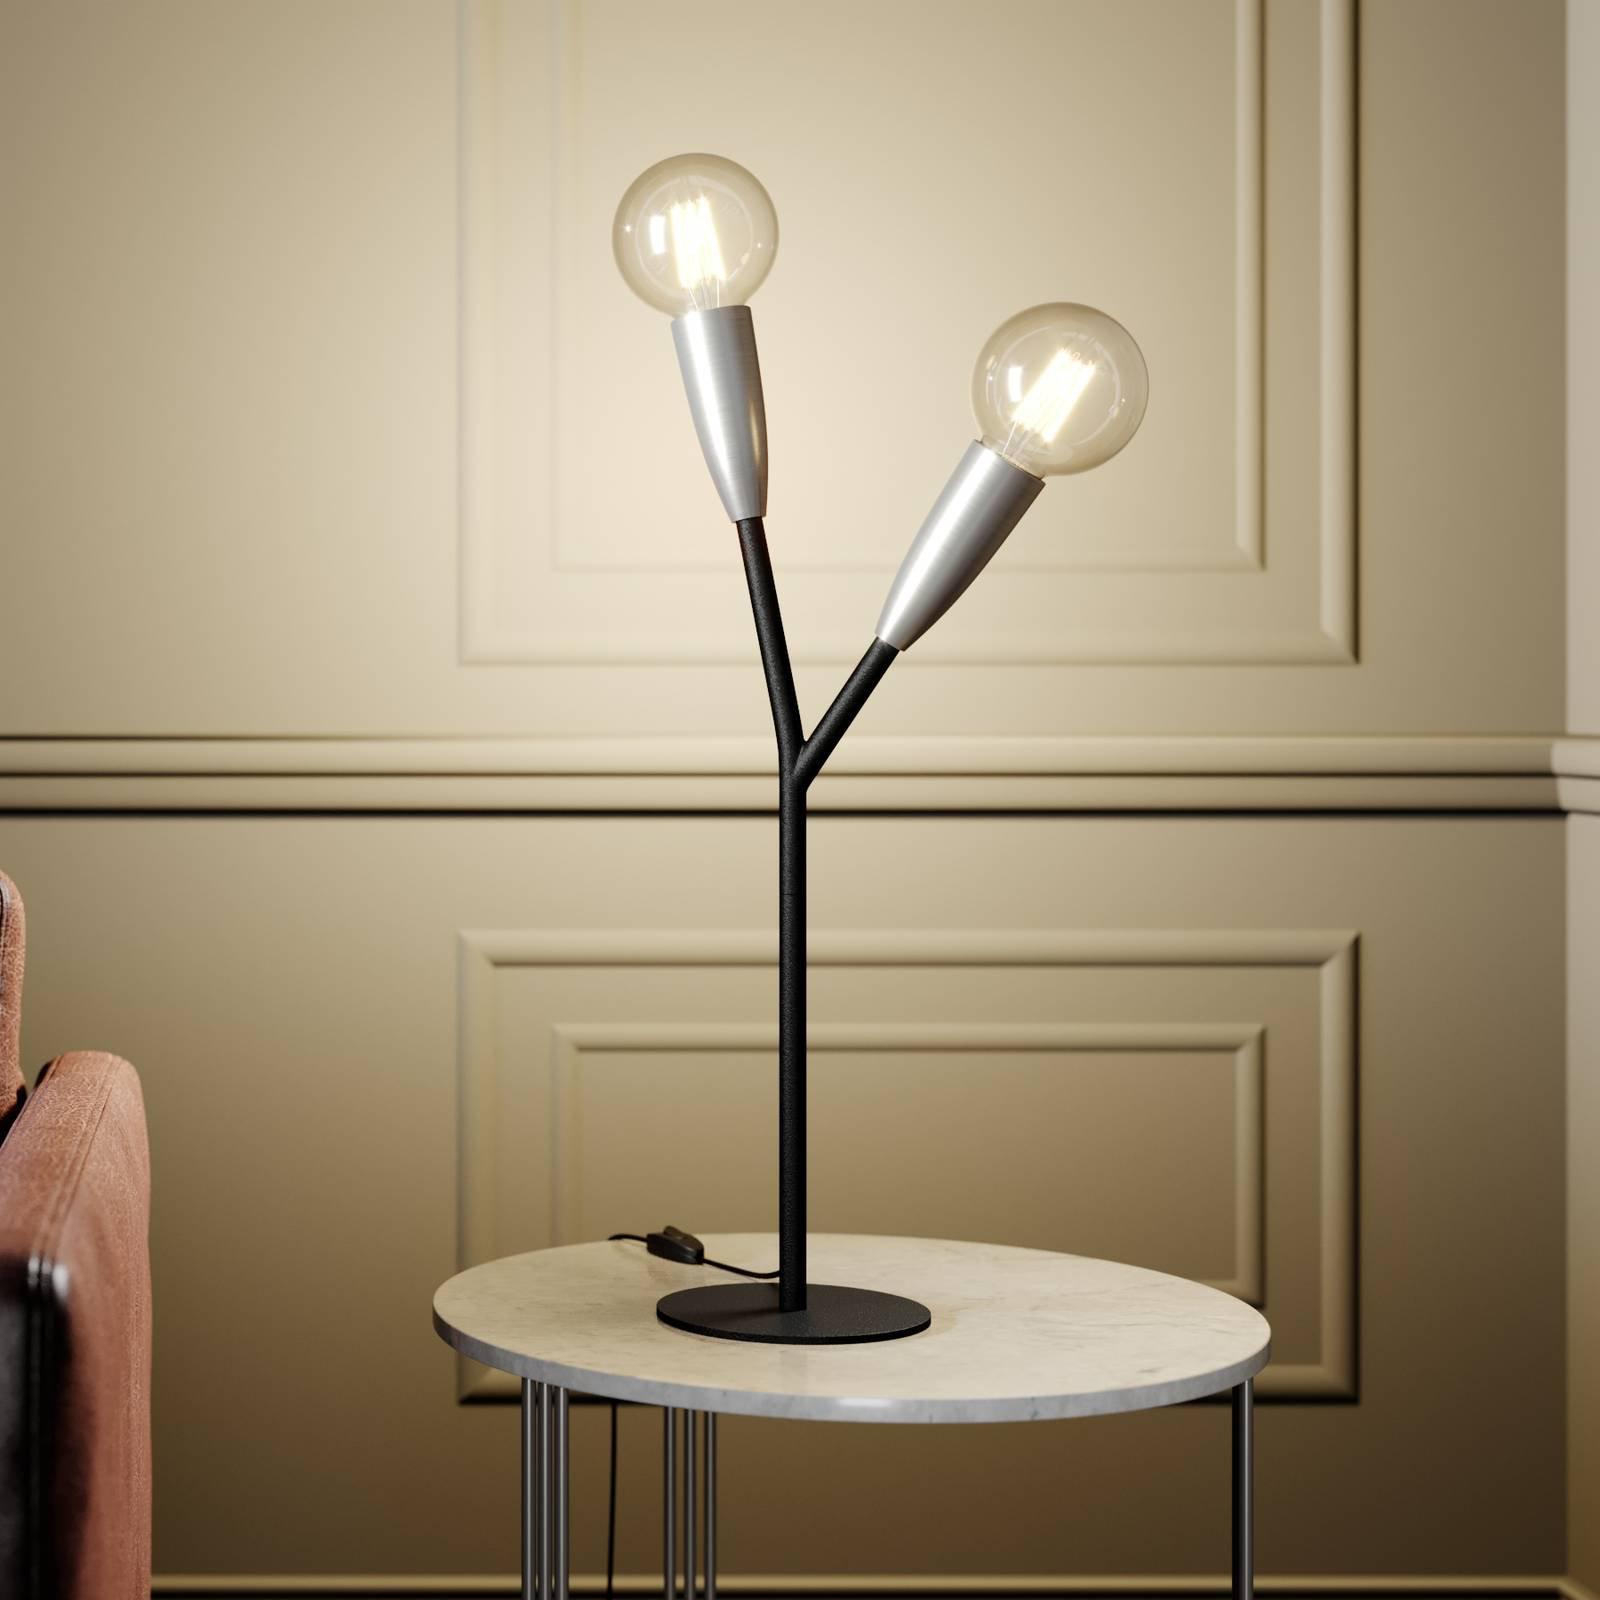 Lucande Carlea bordlampe, 2 lysk., svart nikkel